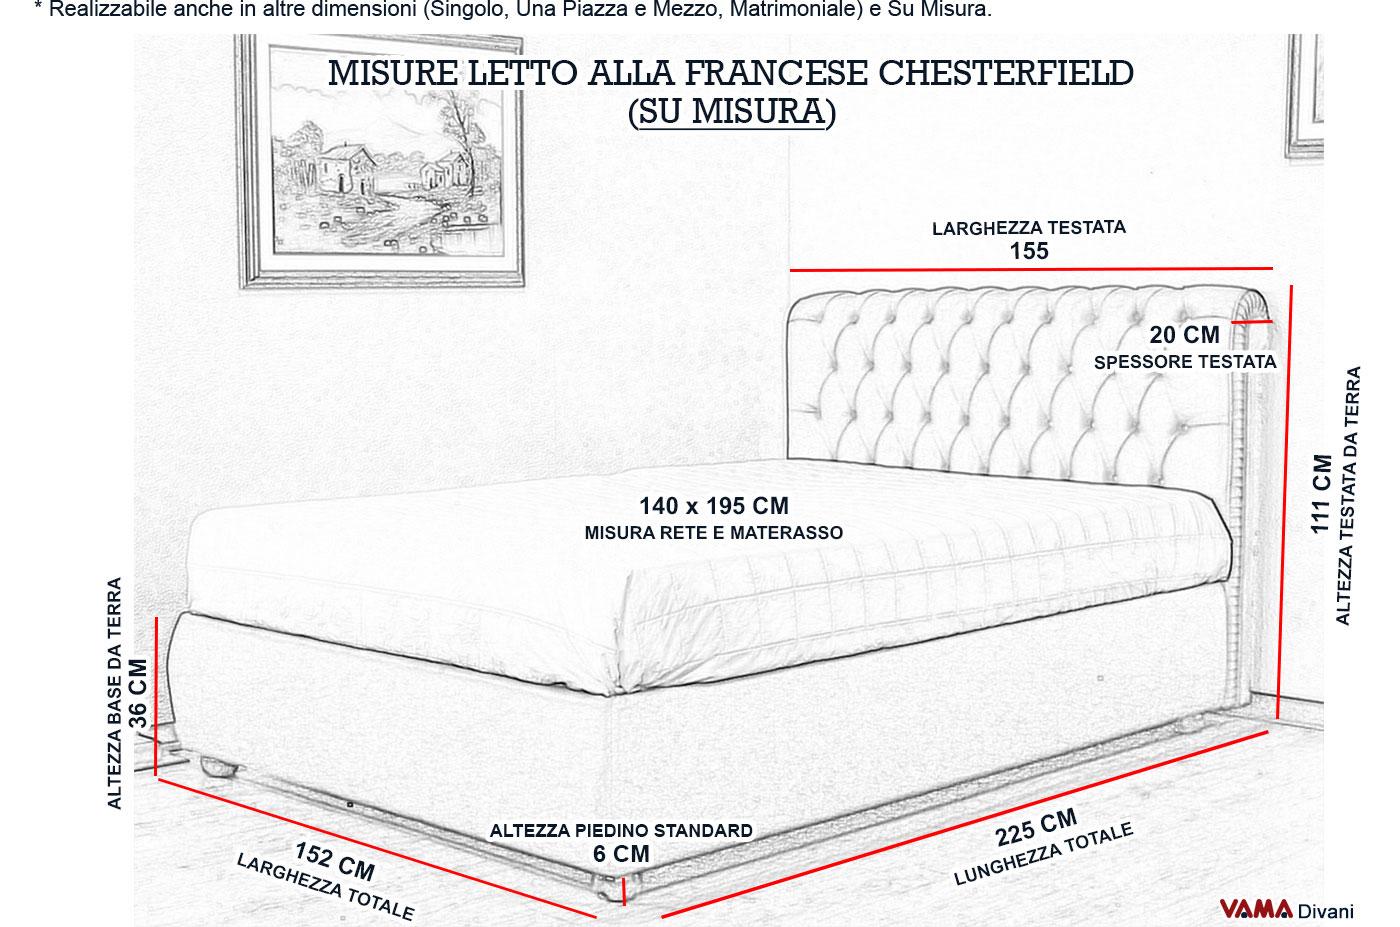 Letto chesterfield rosso con contenitore alla francese 140 cm - Misure letto alla francese ...